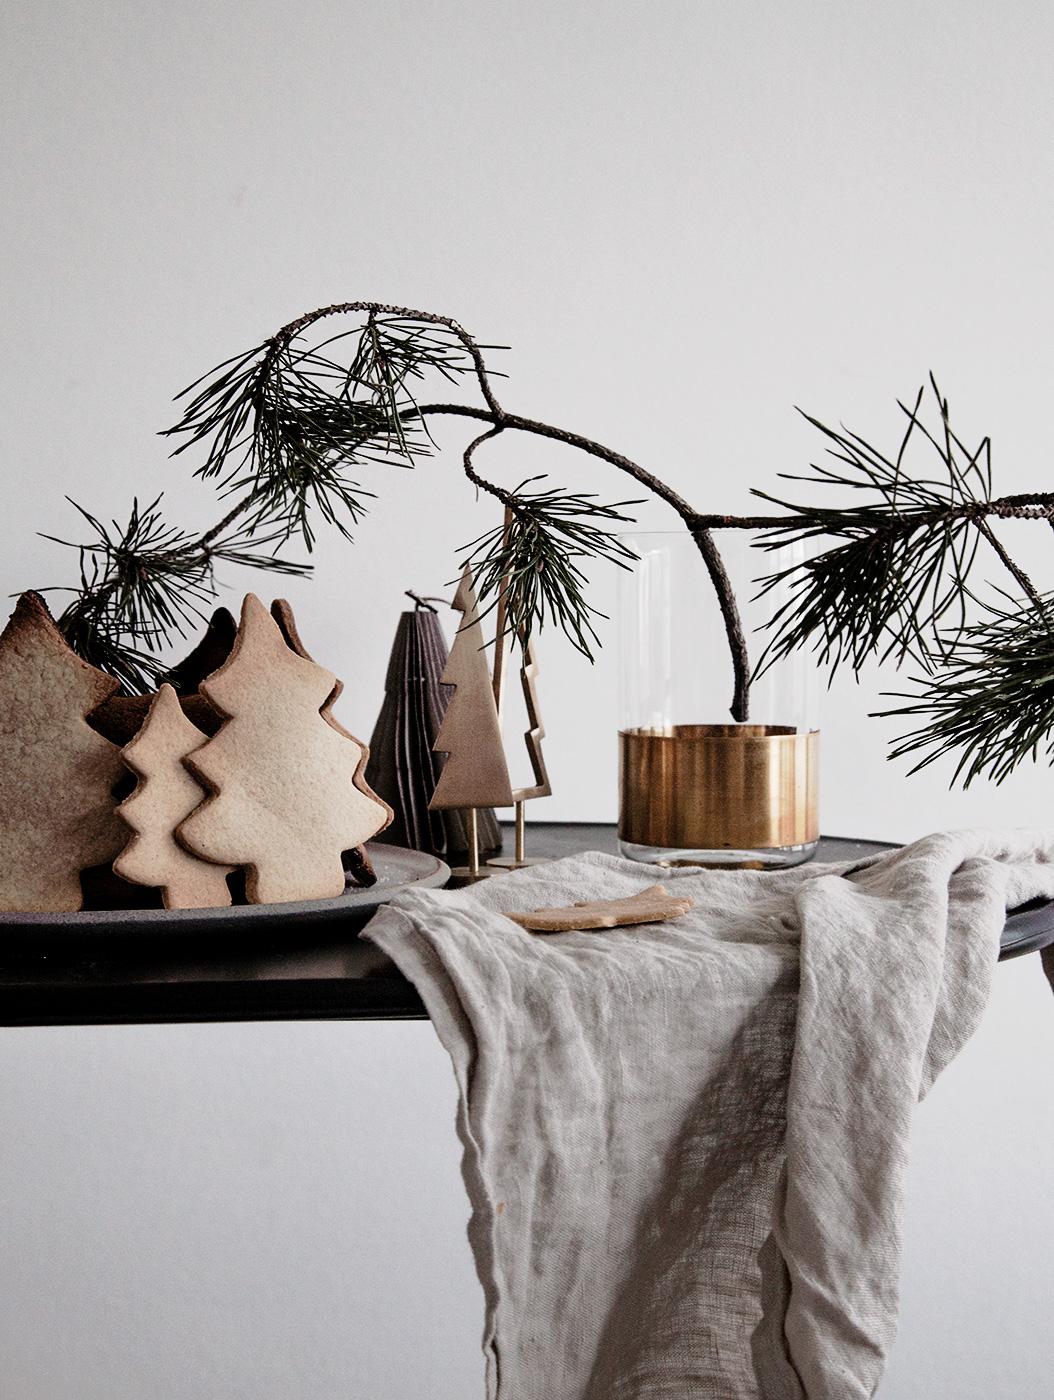 Kreative-Weihnachtsplätzchen-und-Kuchen-für-die-AdventszeitIMG_8340